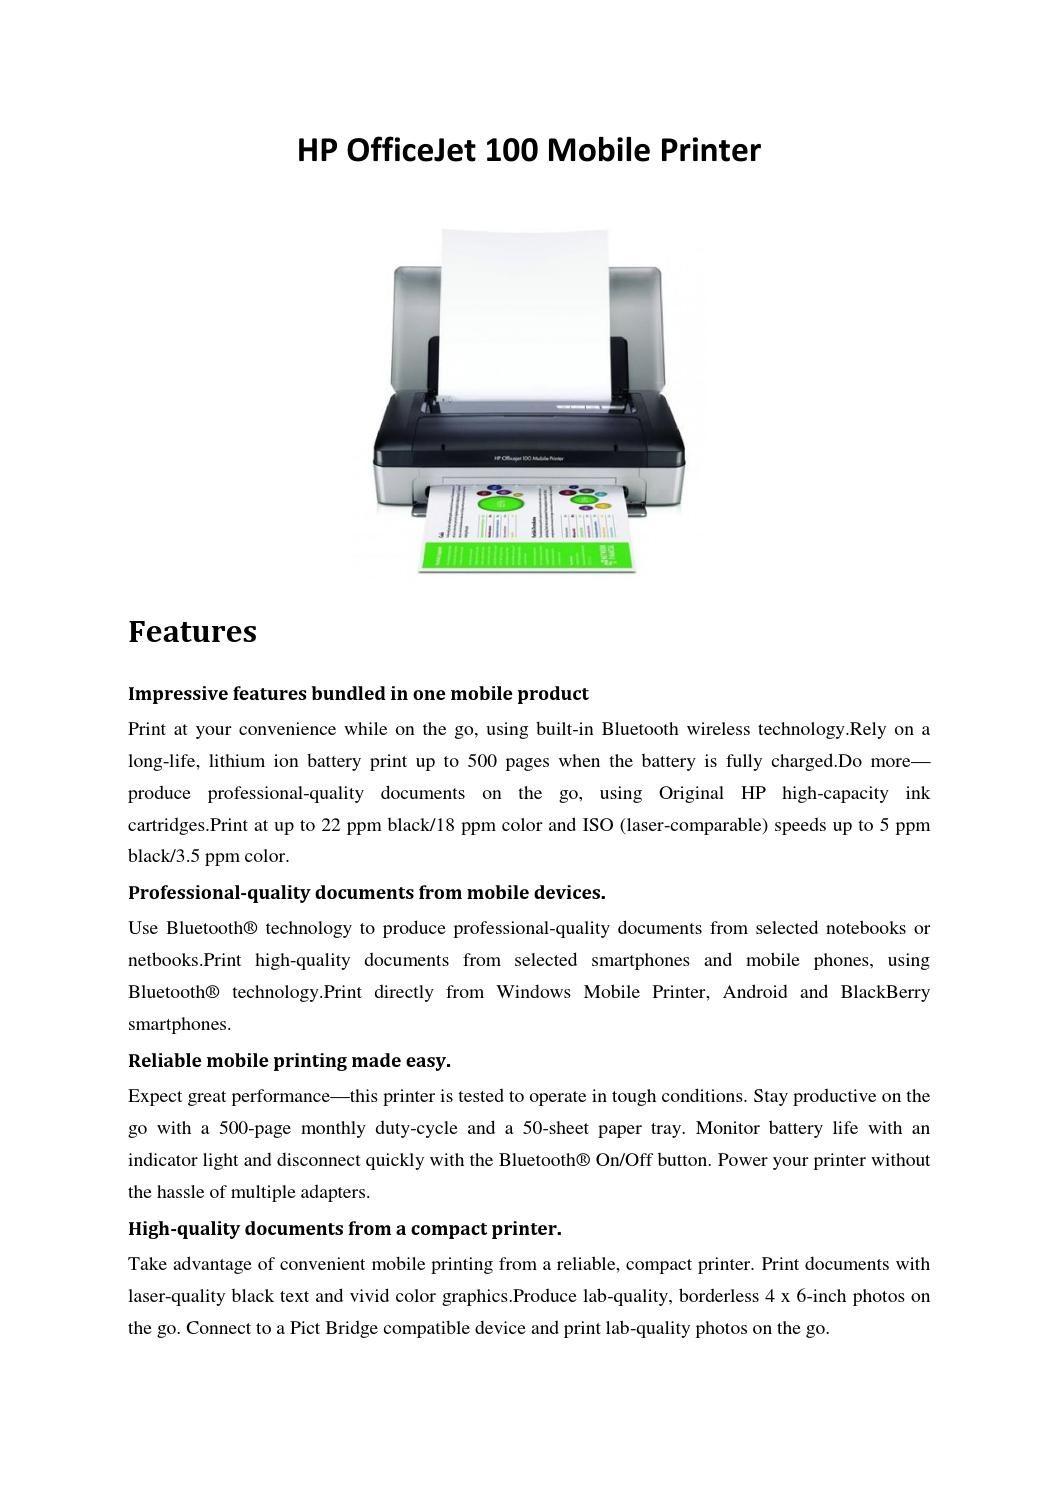 Hp Officejet 100 Mobile Printer Mobile Printer Hp Officejet Printer